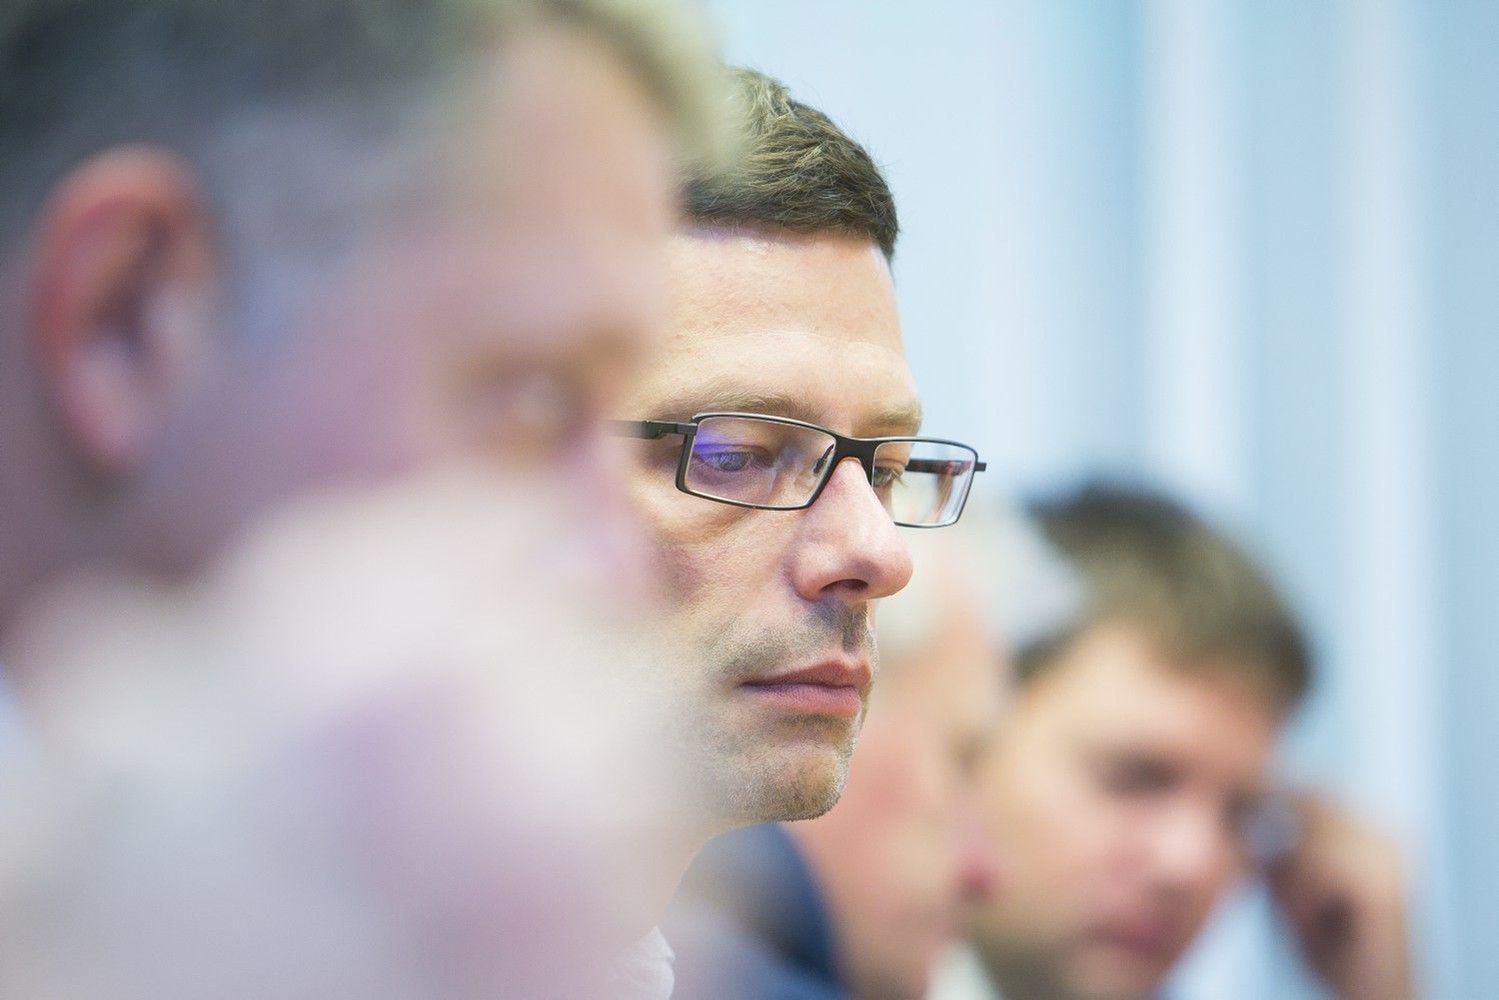 Liberalų sąjūdis atsikratė Š. Gustainiu, G. Steponavičiui pareikšti įtarimai